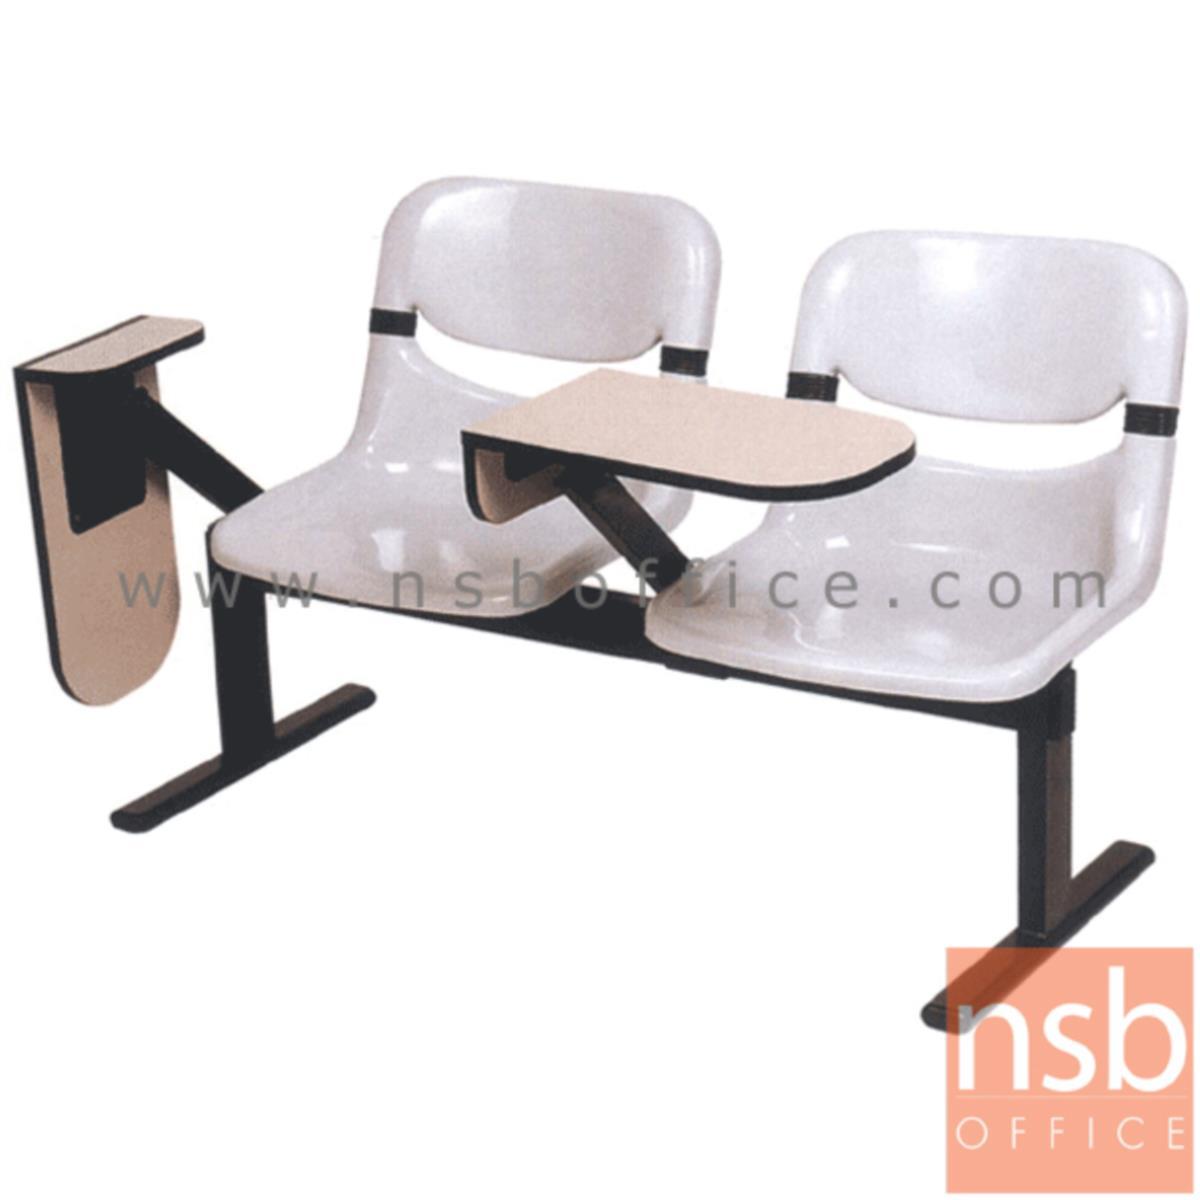 เก้าอี้เลคเชอร์แถวเฟรมโพลี่ รุ่น D990 2 ,3 และ 4 ที่นั่ง ขาเหล็กเหลี่ยมพ่นดำ